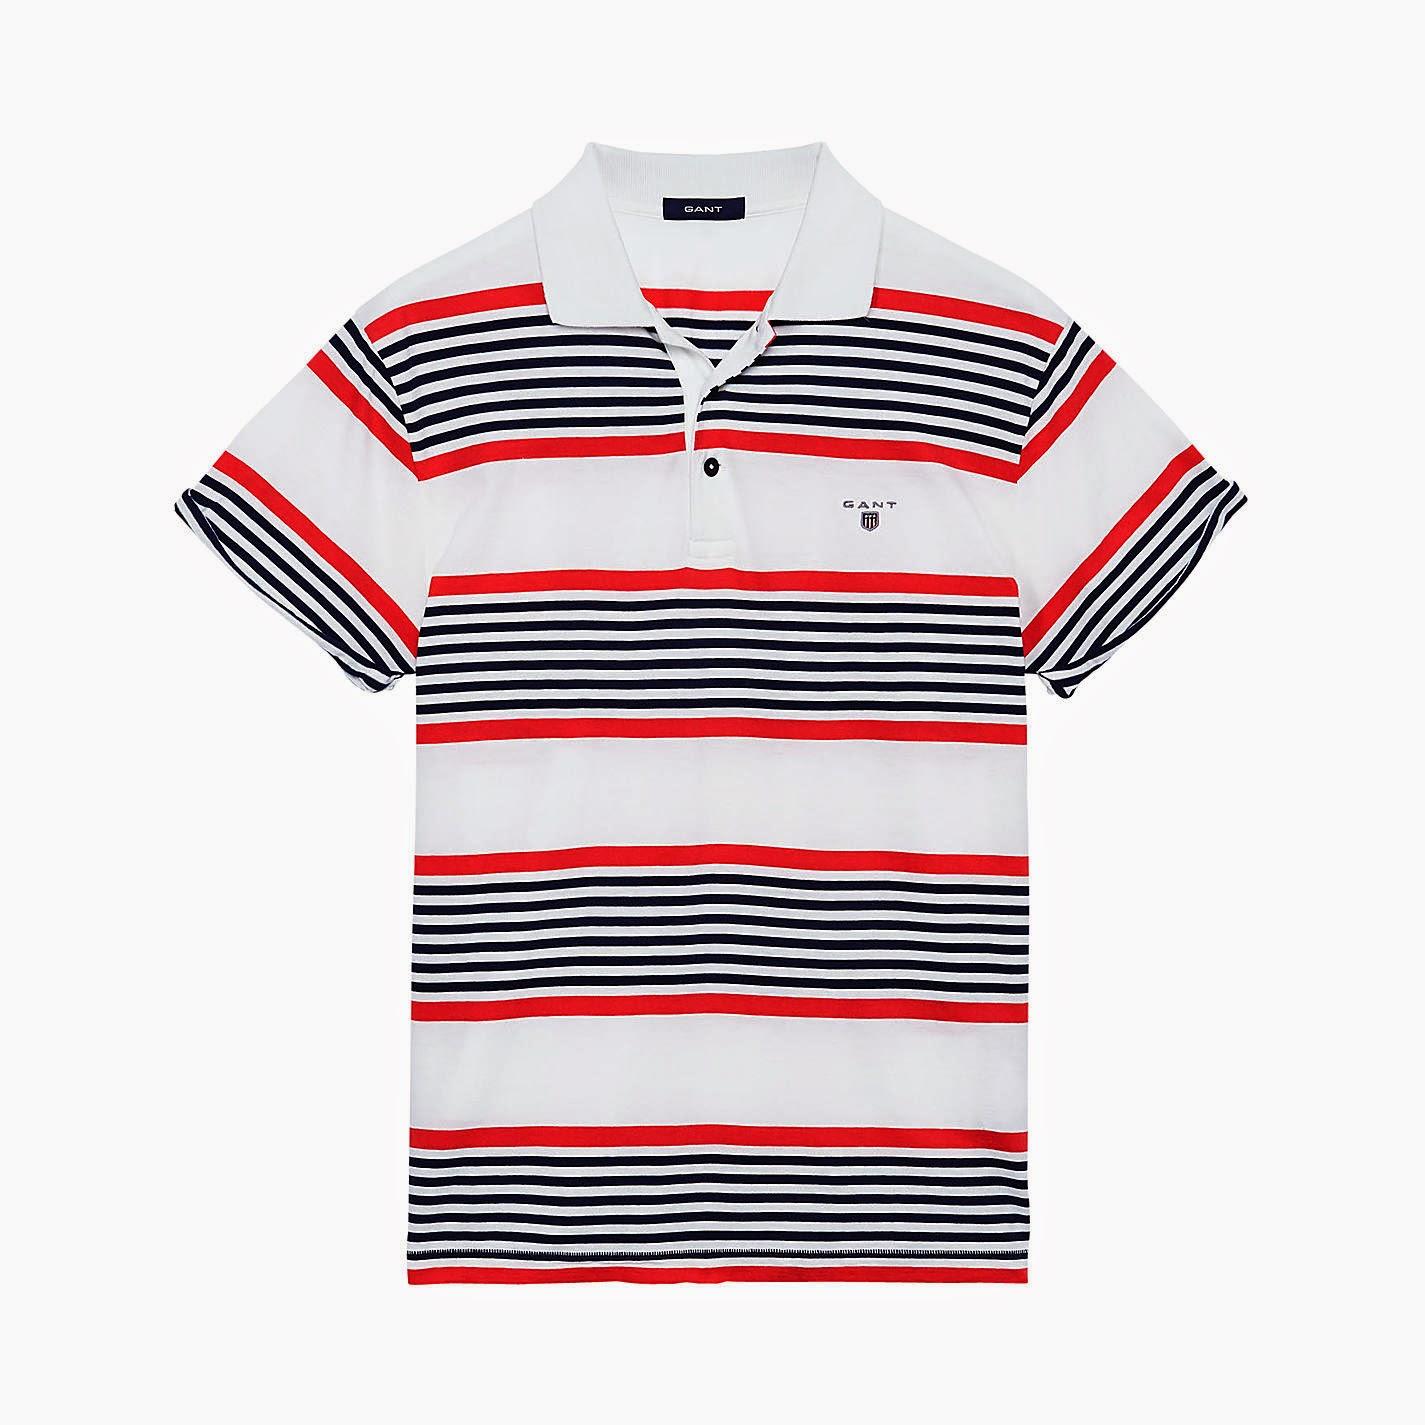 Golf Fashion Weekly Apparel 79